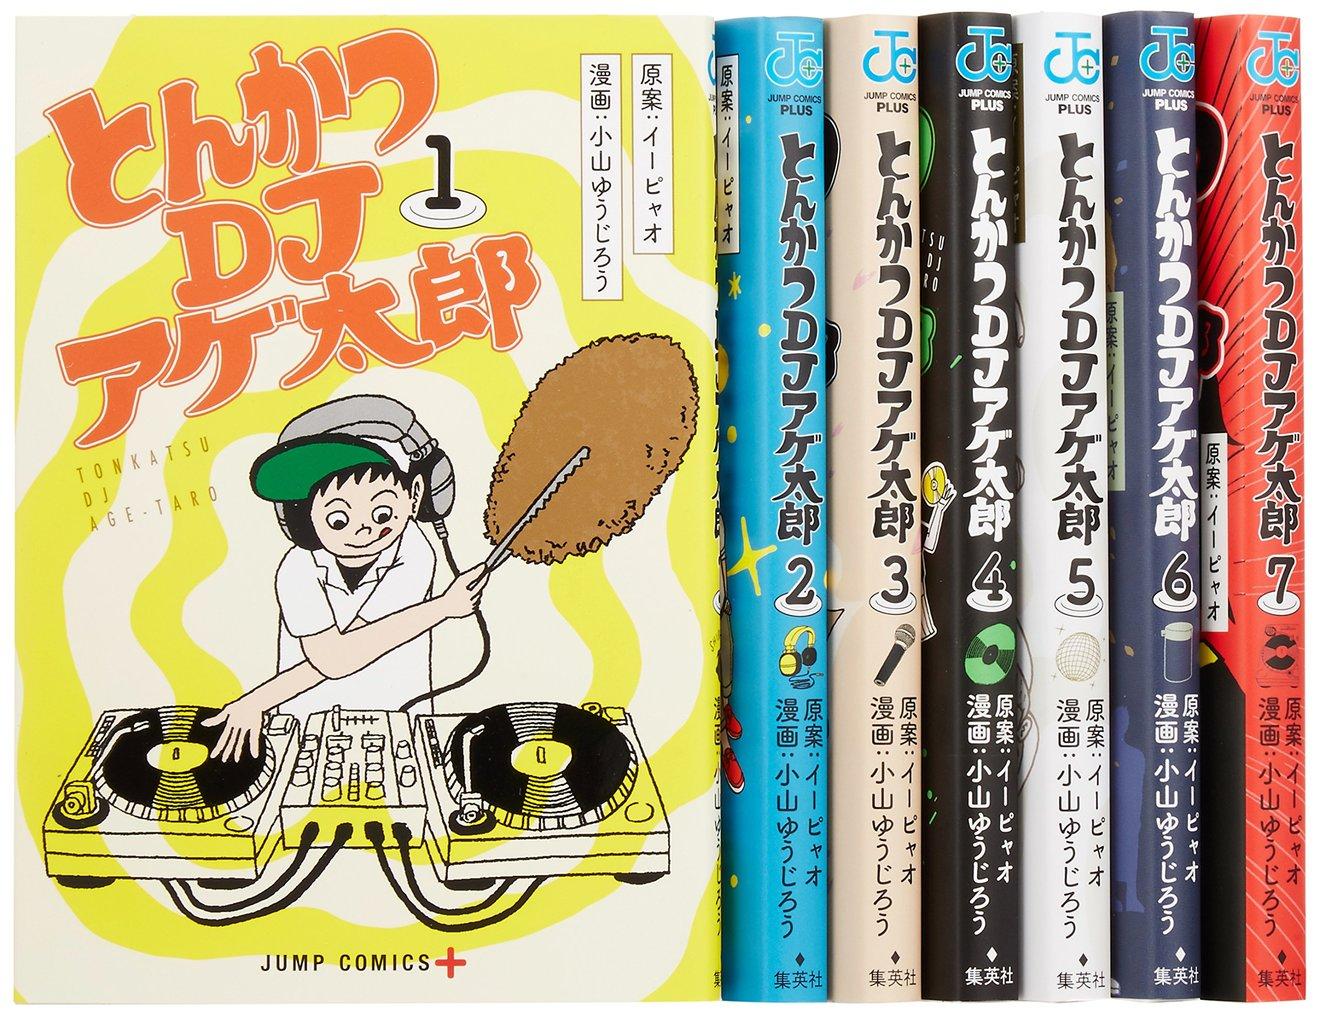 漫画『とんかつDJアゲ太郎』の魅力を最終回までネタバレ紹介!カオス!